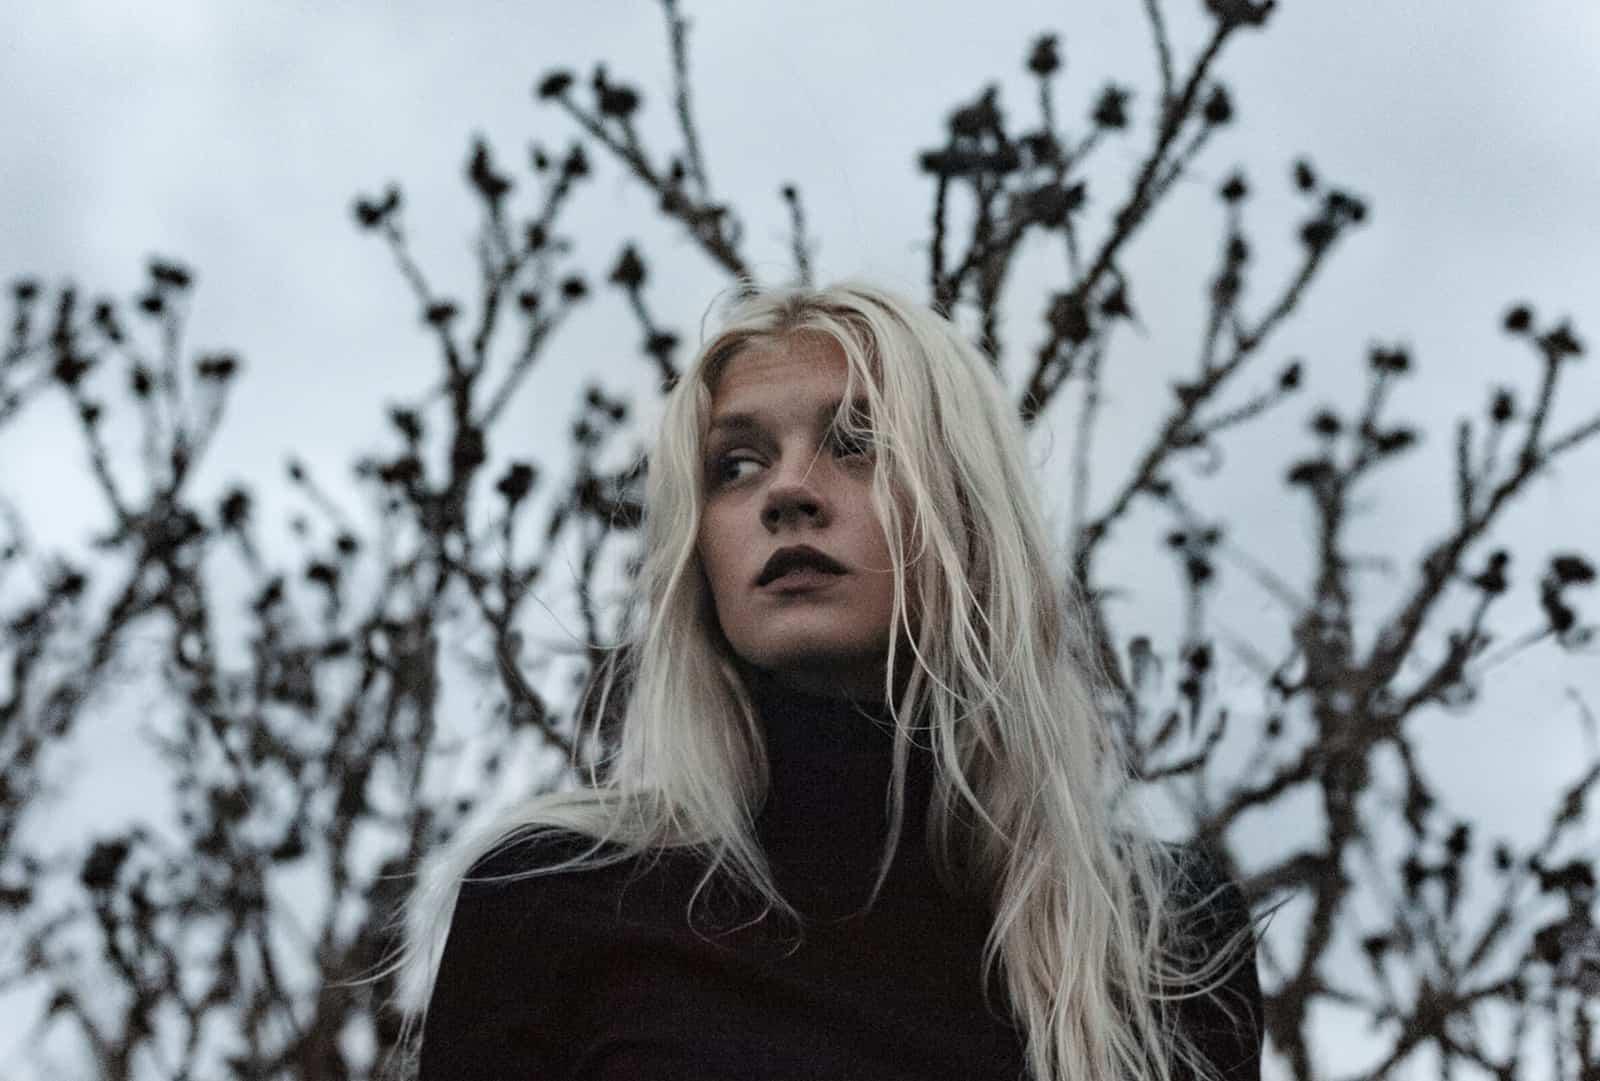 eine Frau mit langen blauen Haaren, die beiseite schaut, steht nahe dem Baum